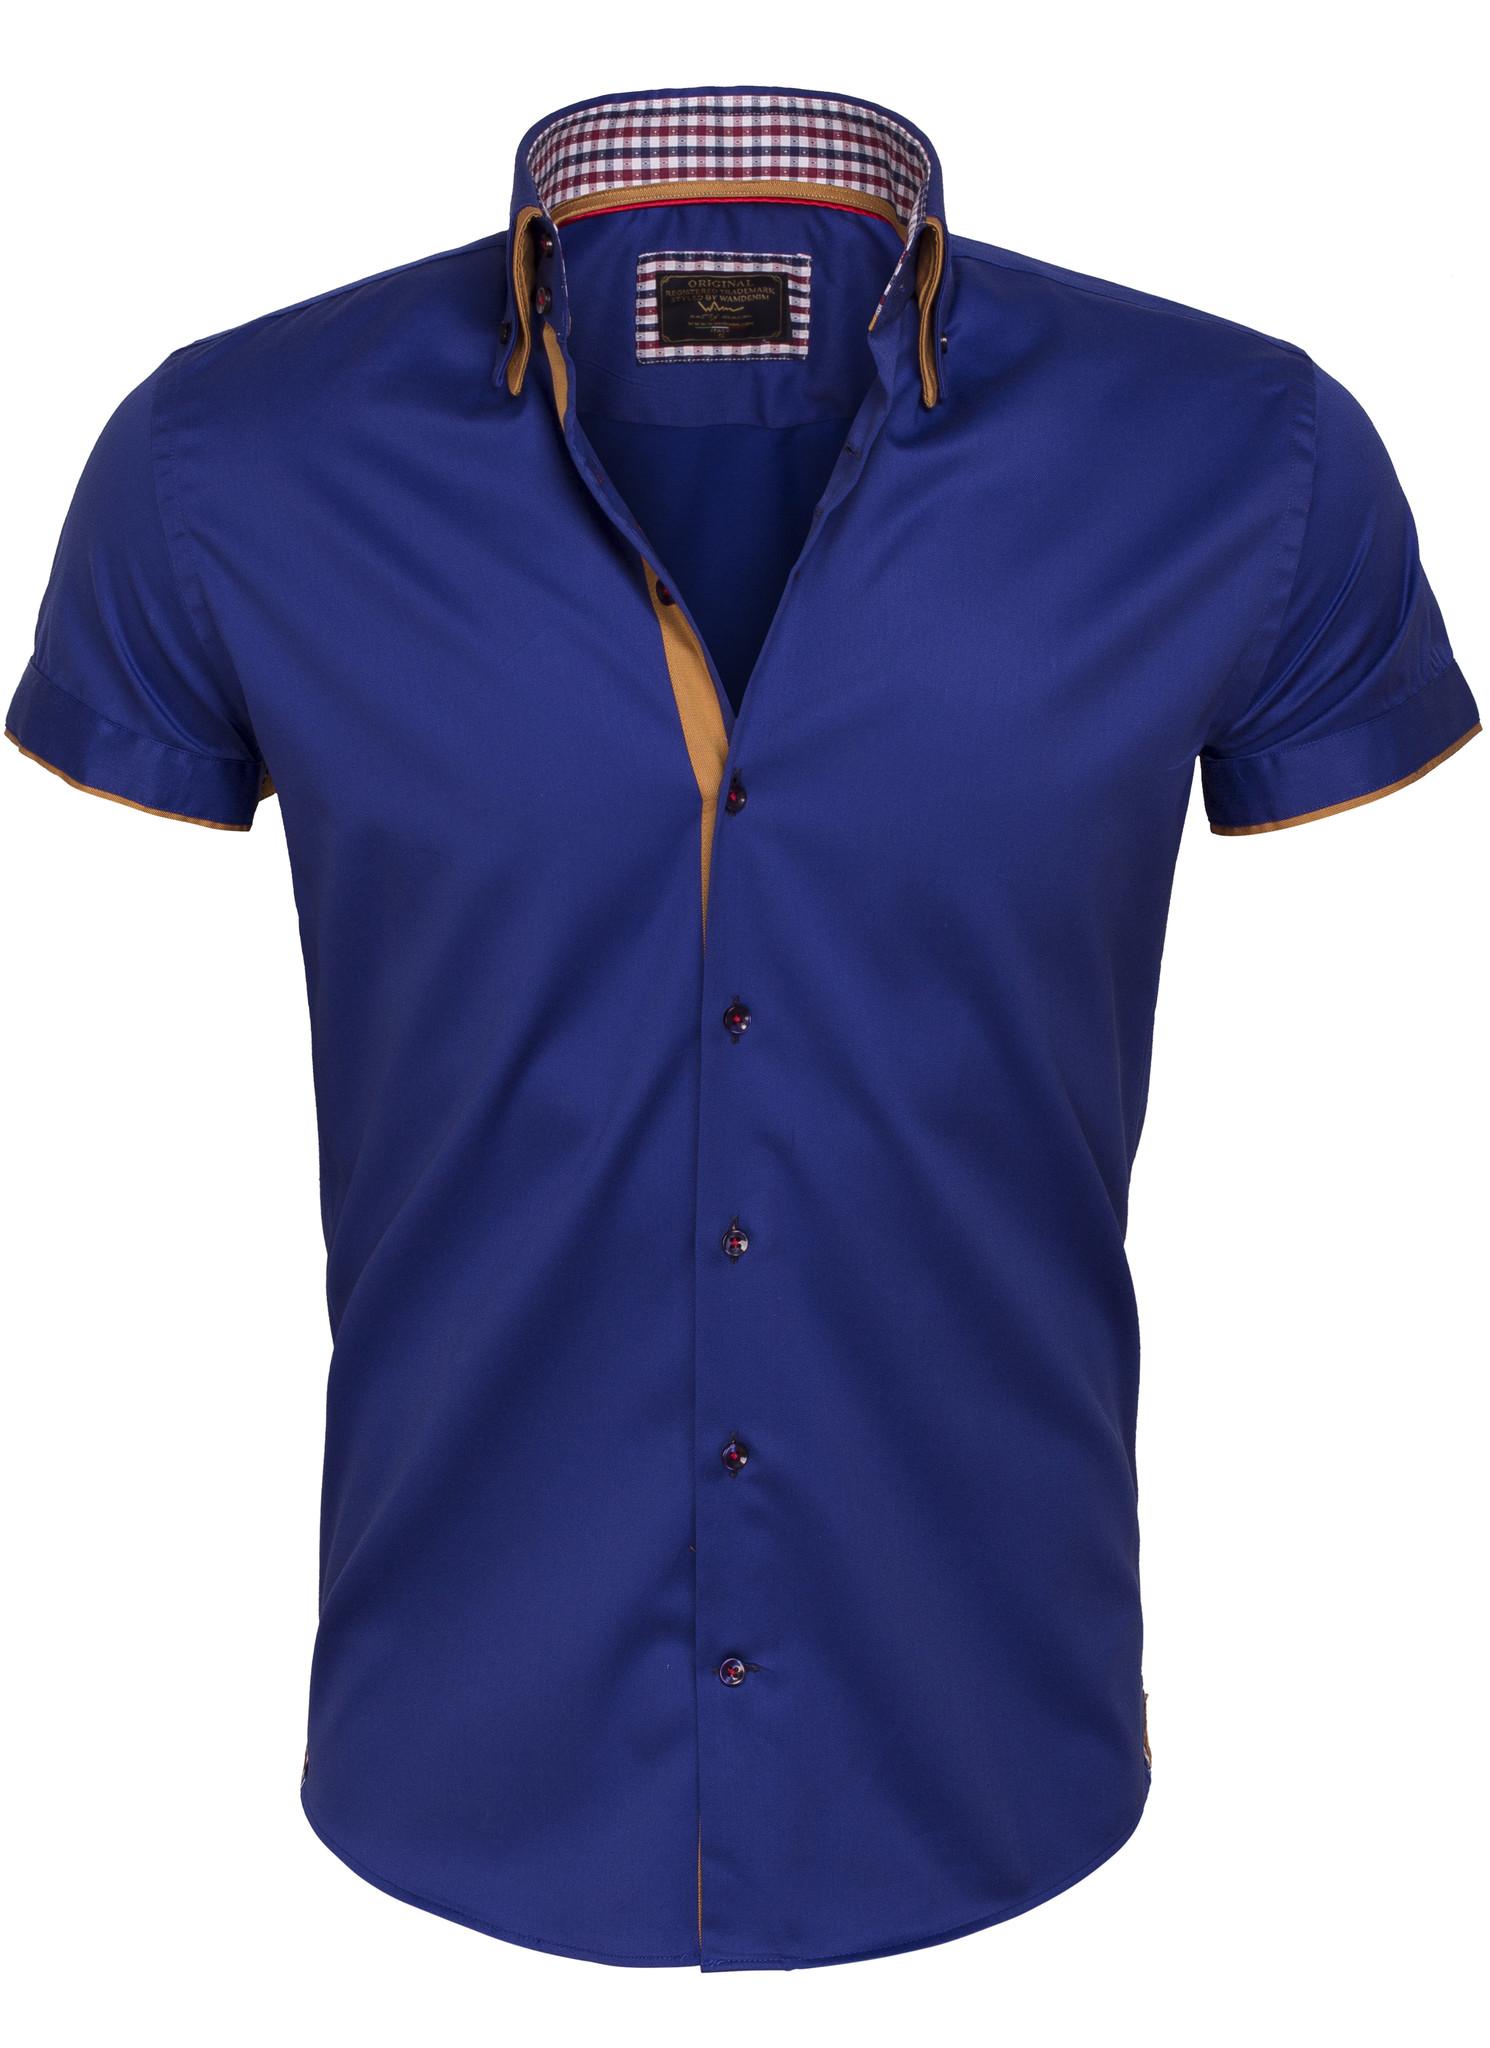 Overhemd Korte Mouw 75410 Light Navy